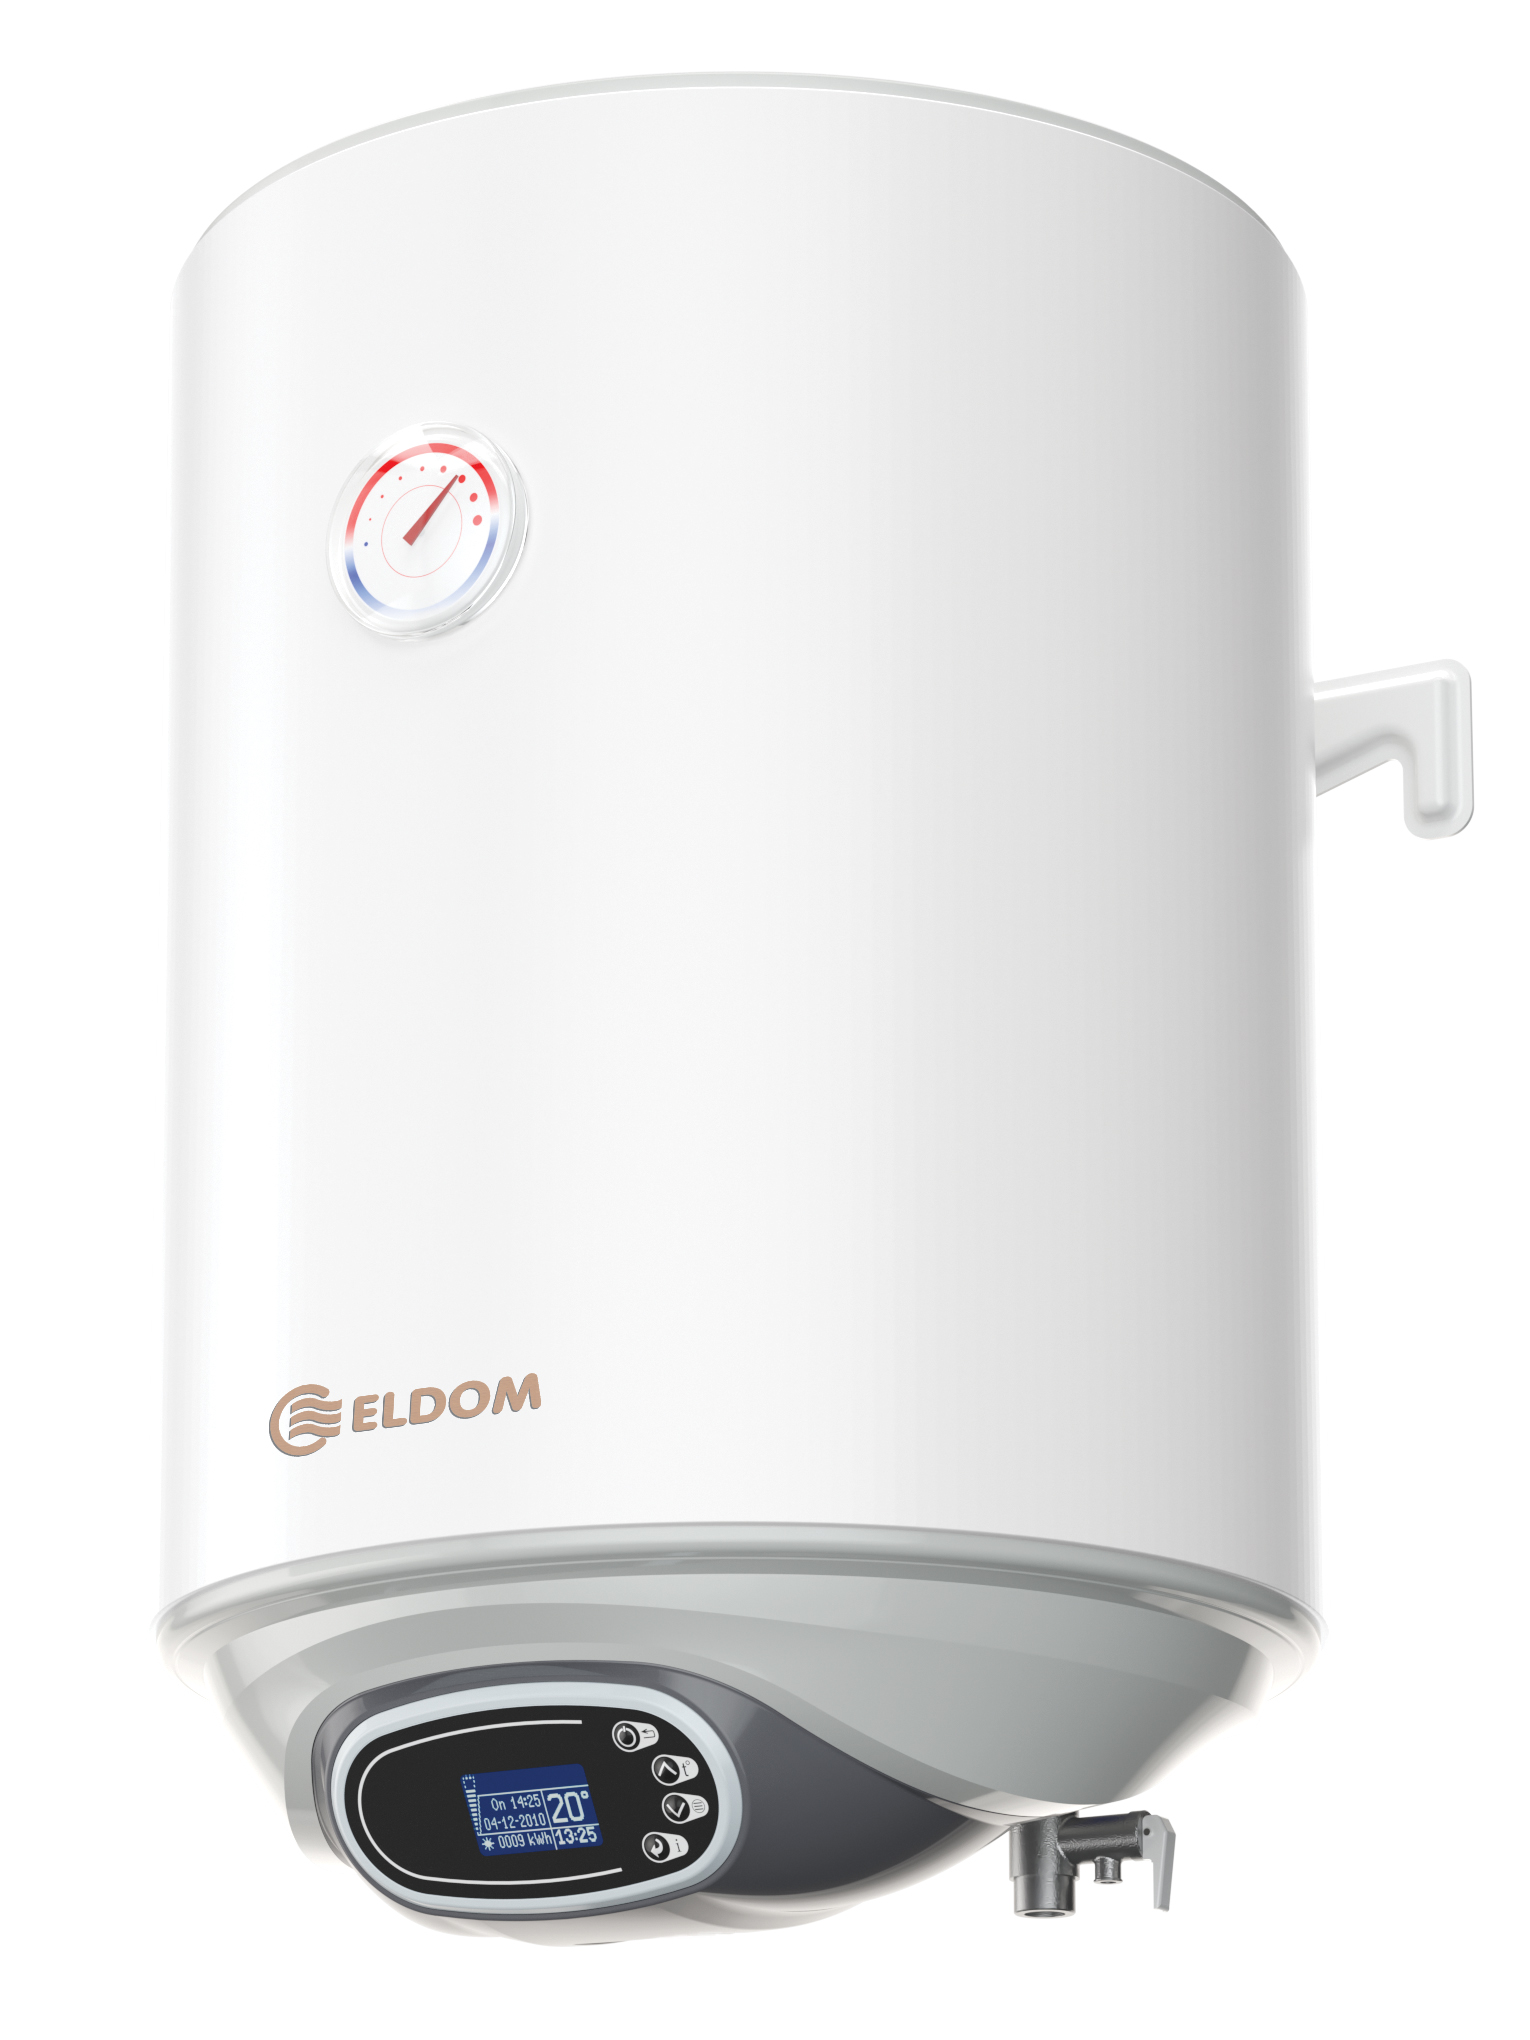 Warmwasserspeicher Eldom Favourite Digital 30 Liter druckfest